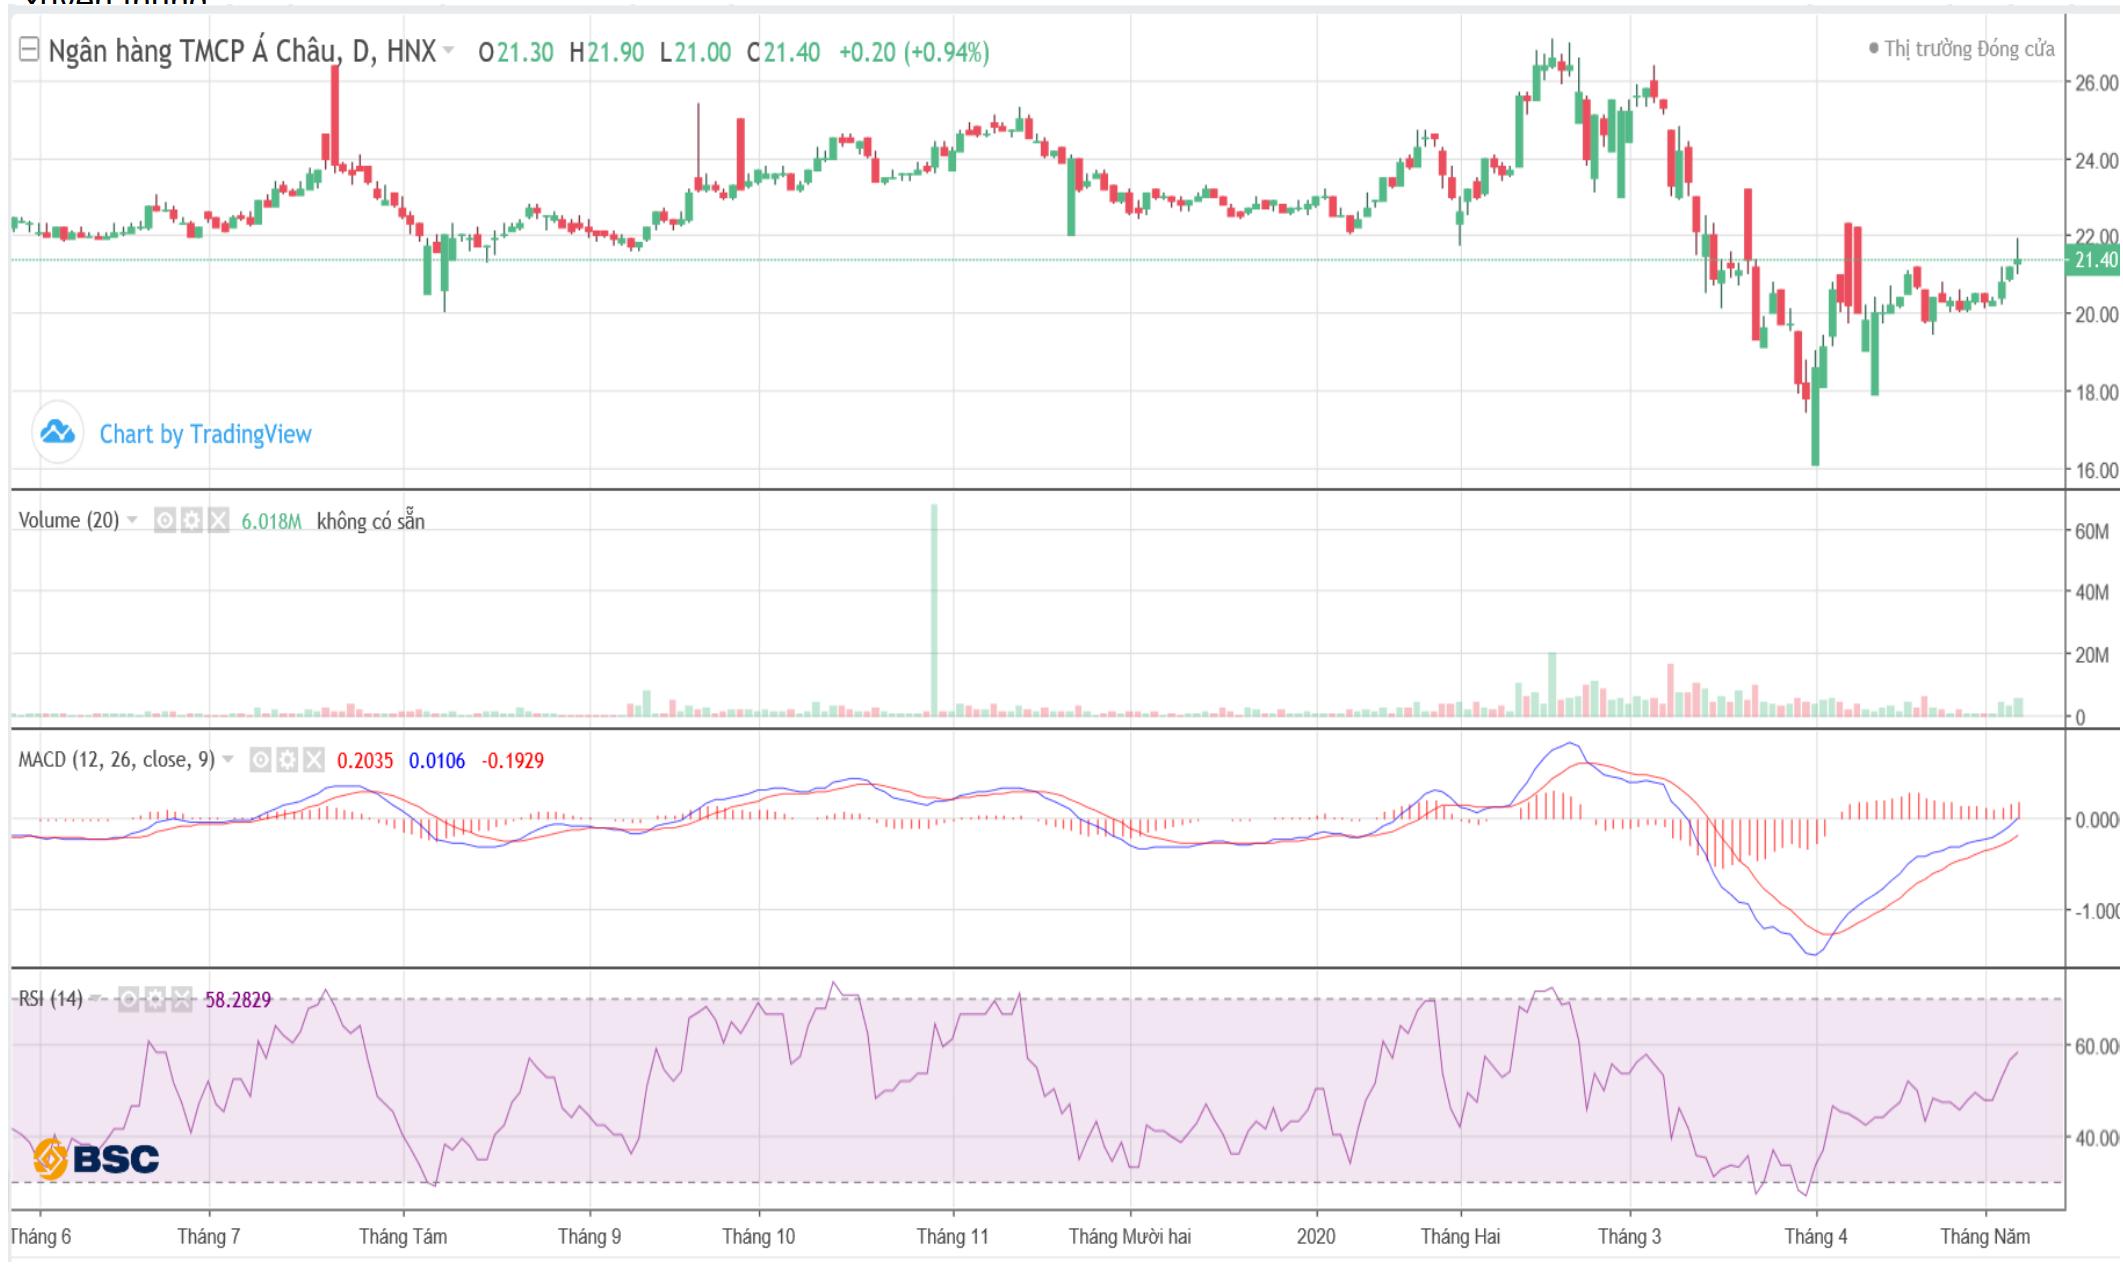 Cổ phiếu tâm điểm ngày 12/5: VIB, VPB, ACB, VCI, CVT - Ảnh 4.